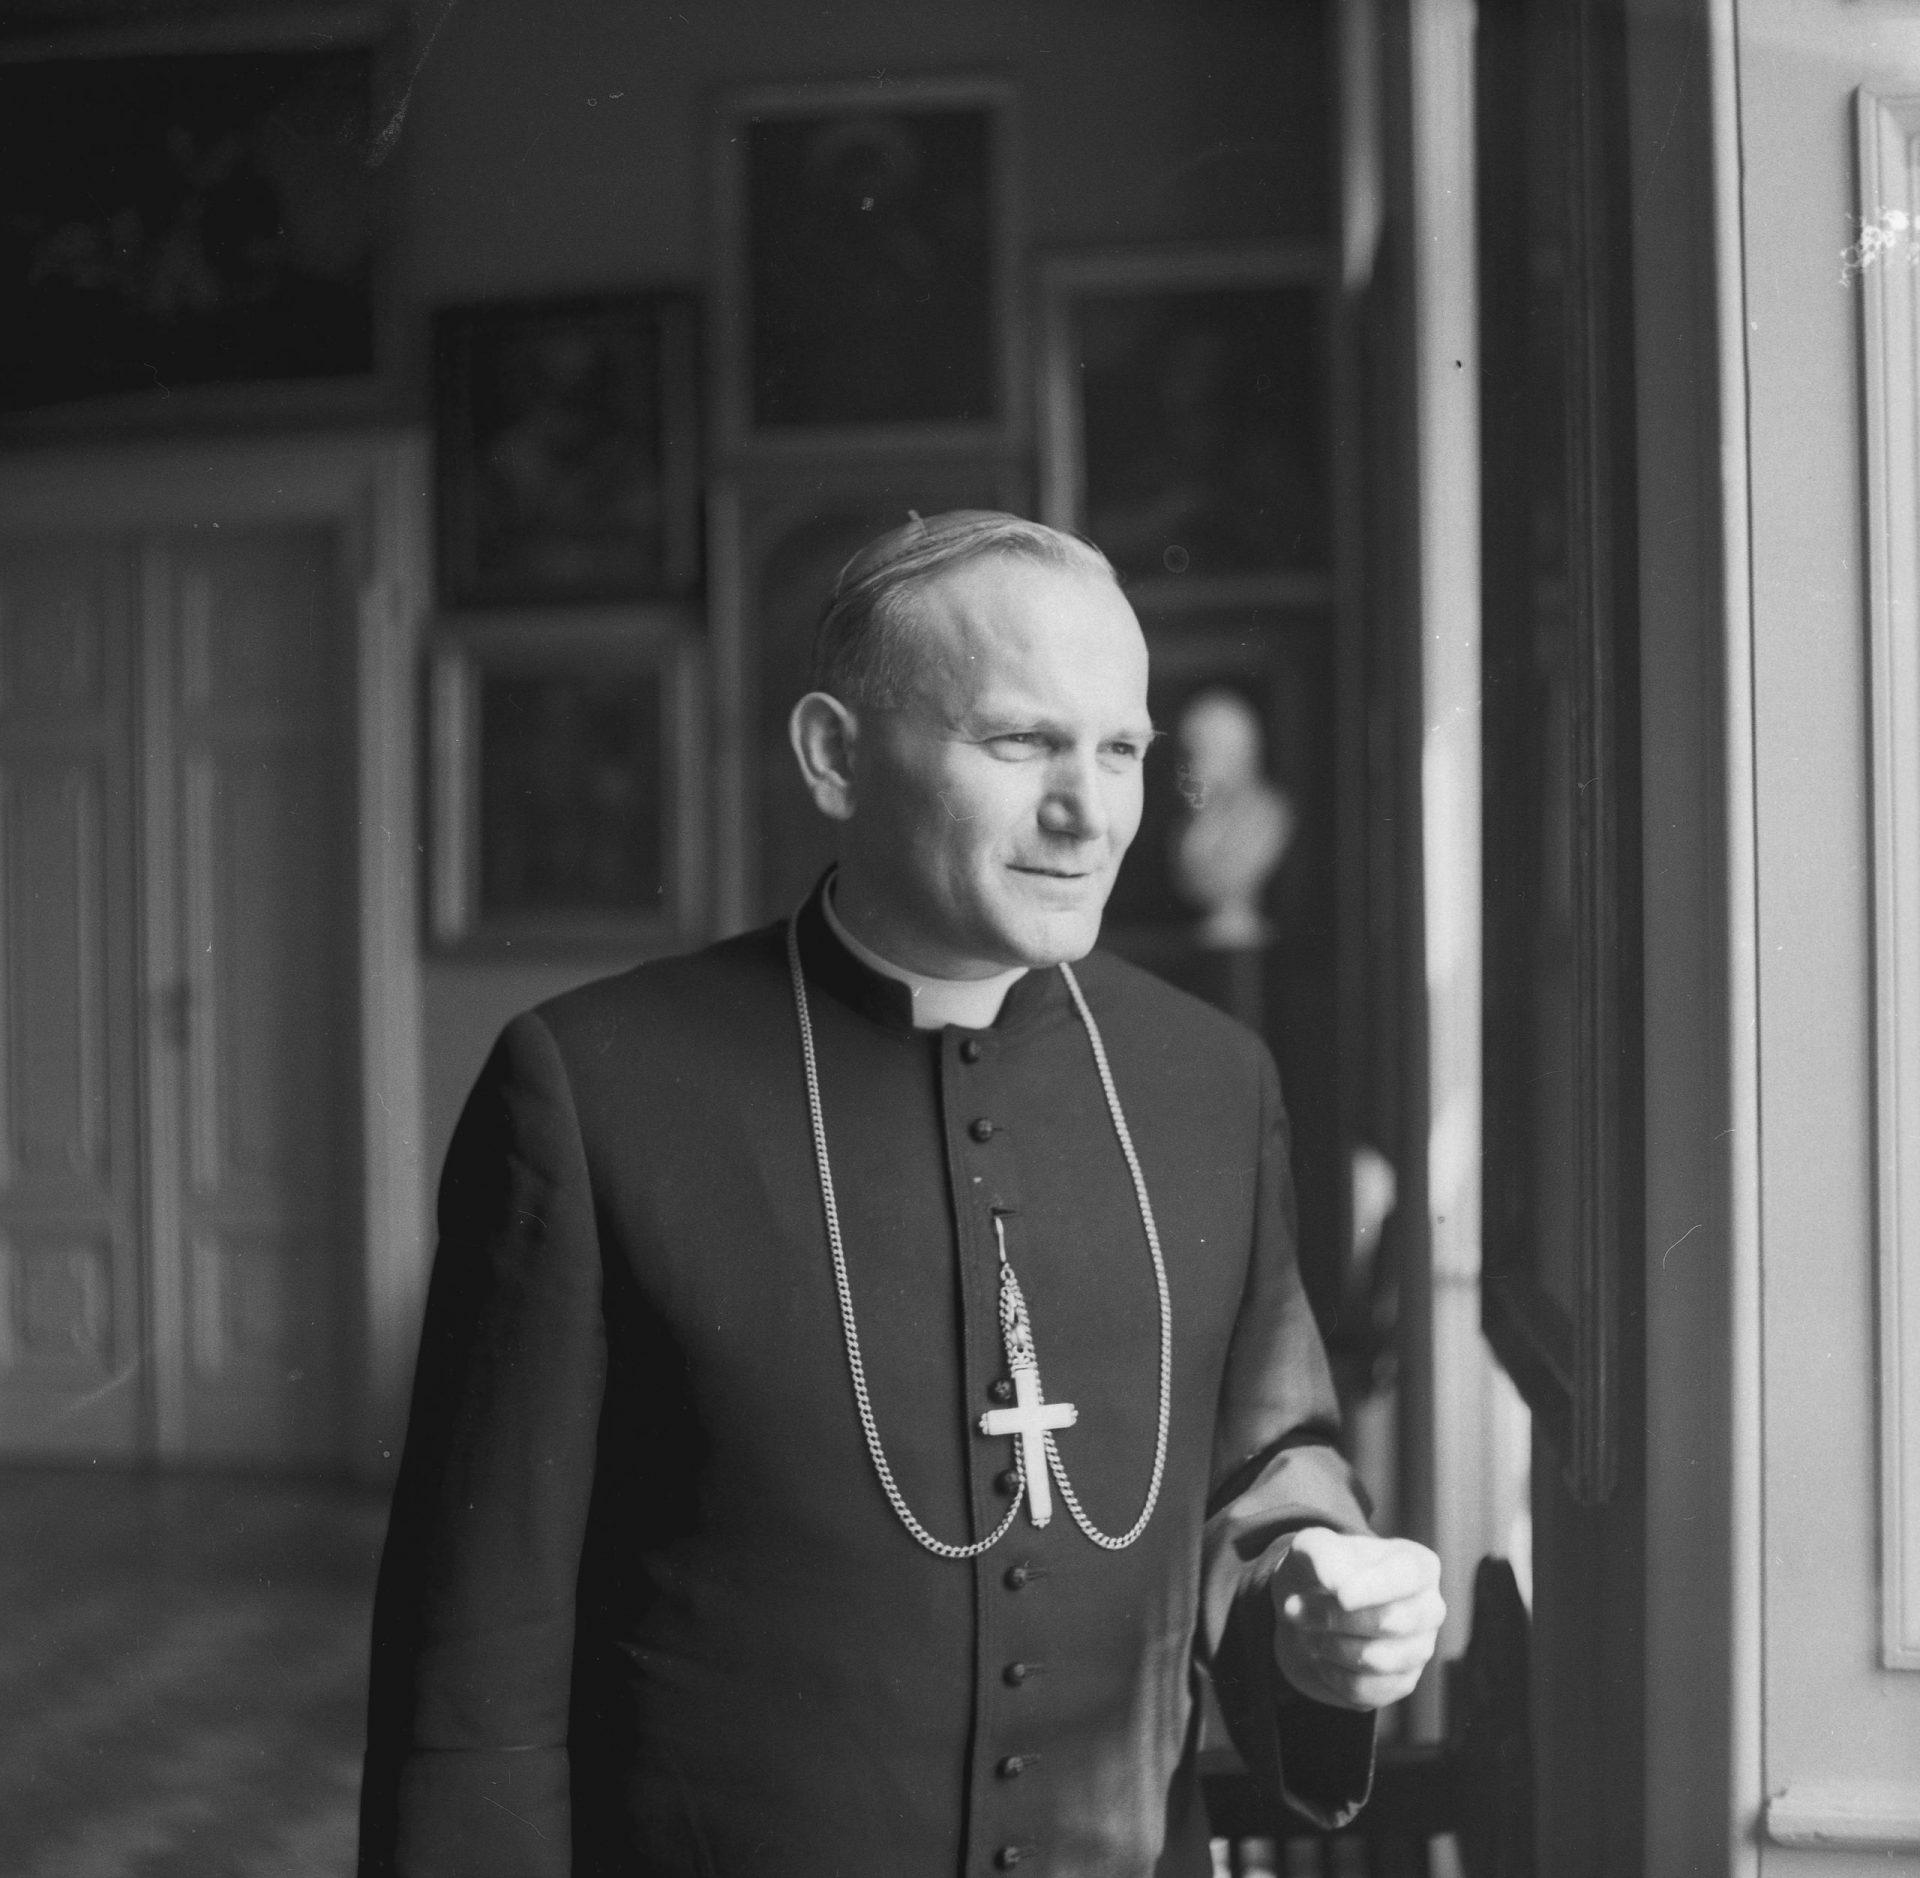 Kardynał Karol Wojtyła. Fotograf: Adam Bujak.